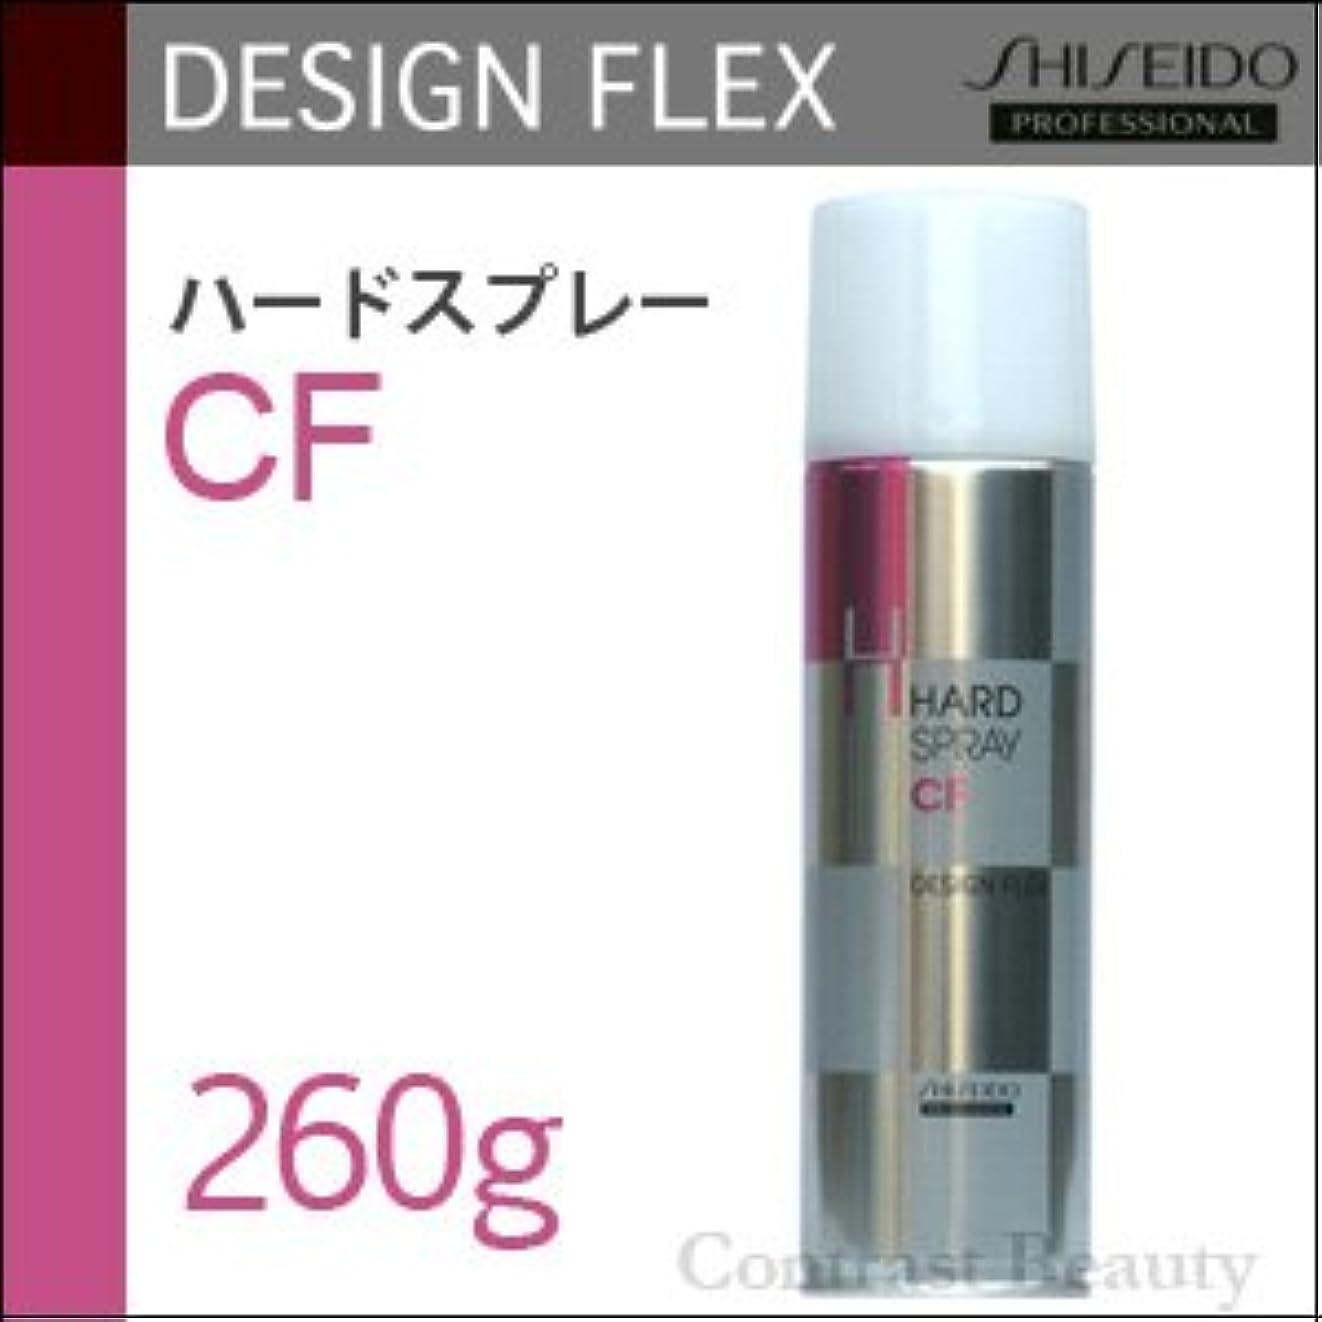 偏心冷凍庫両方【x5個セット】 資生堂 デザインフレックス ハードスプレーCF 260g